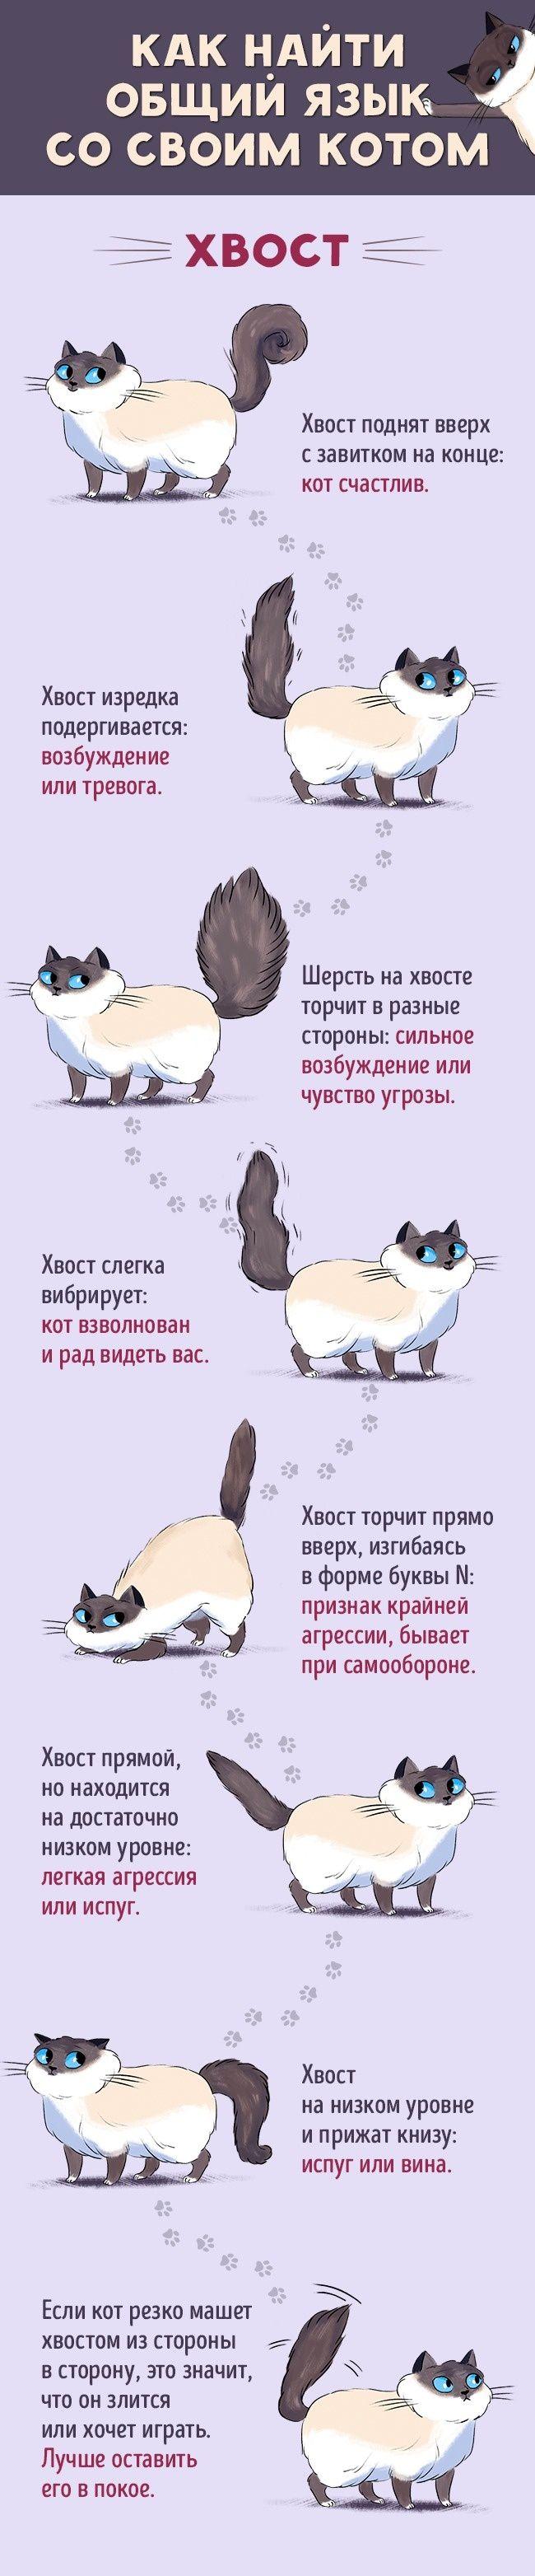 Как найти общий язык сосвоим котом